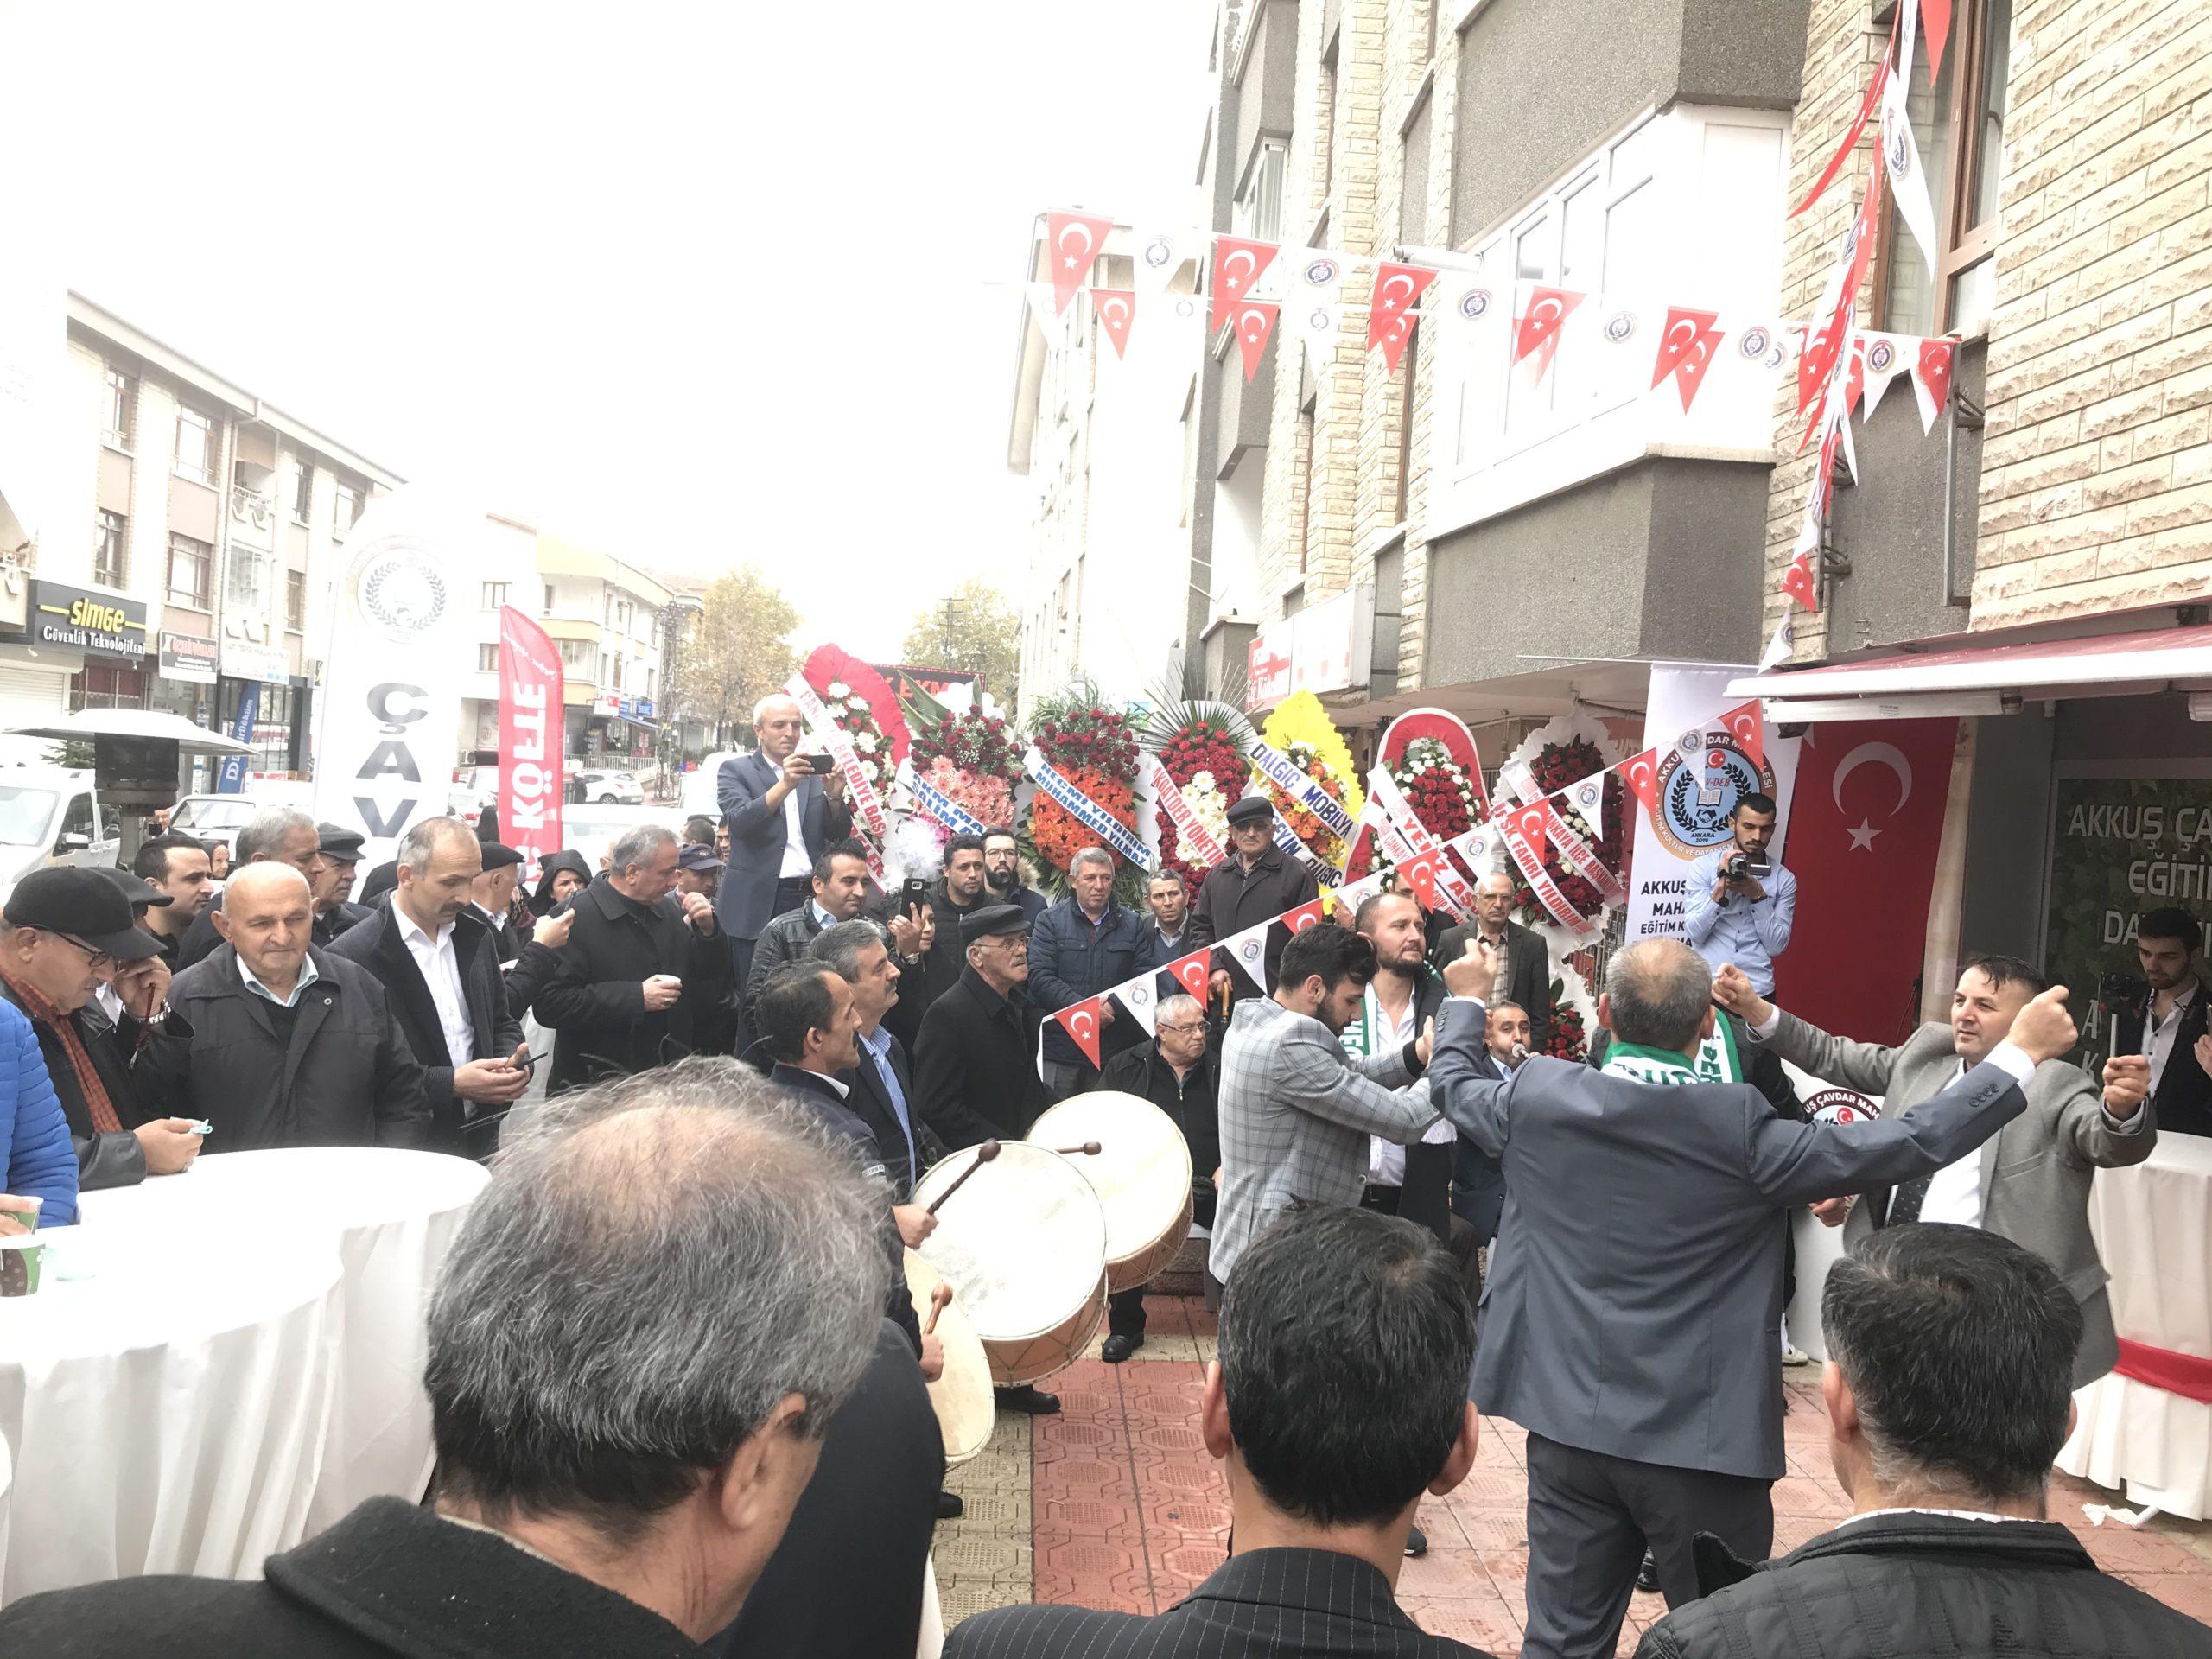 Çavdarköy Derneği Muhteşem Bir Tören İle Ankara'da Açıldı. Davullu-Zurnalı Açılışa Katılım Çok Yoğun Oldu.